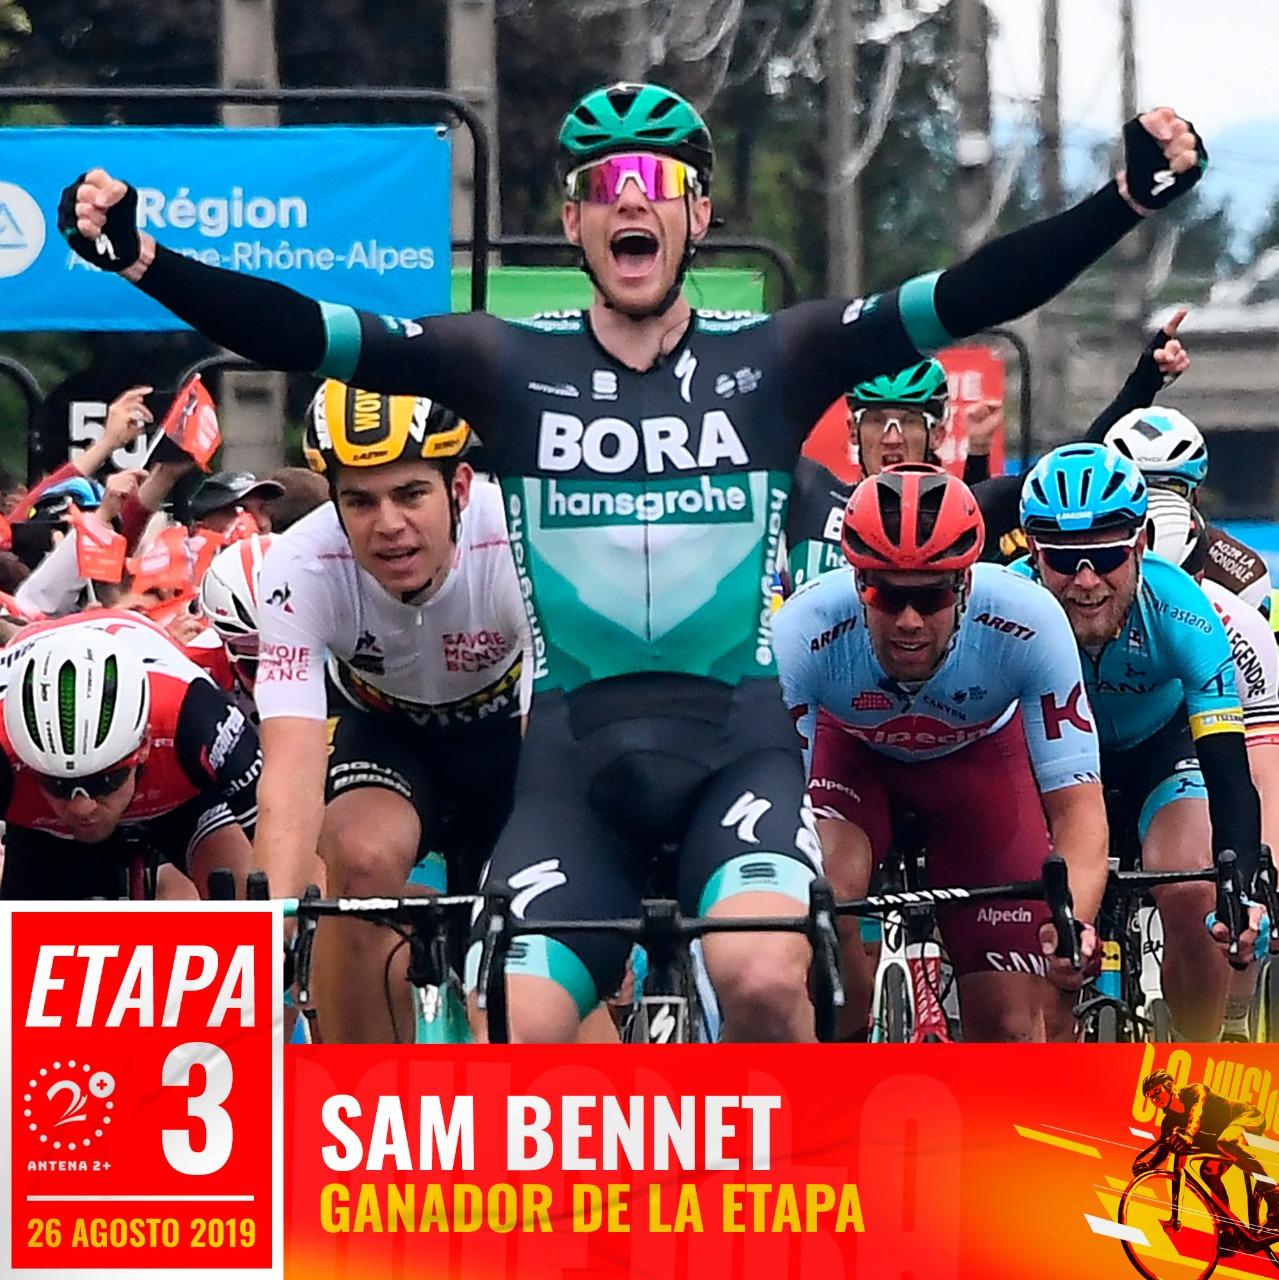 Sam Bennett ganó la tercera etapa de la Vuelta a España